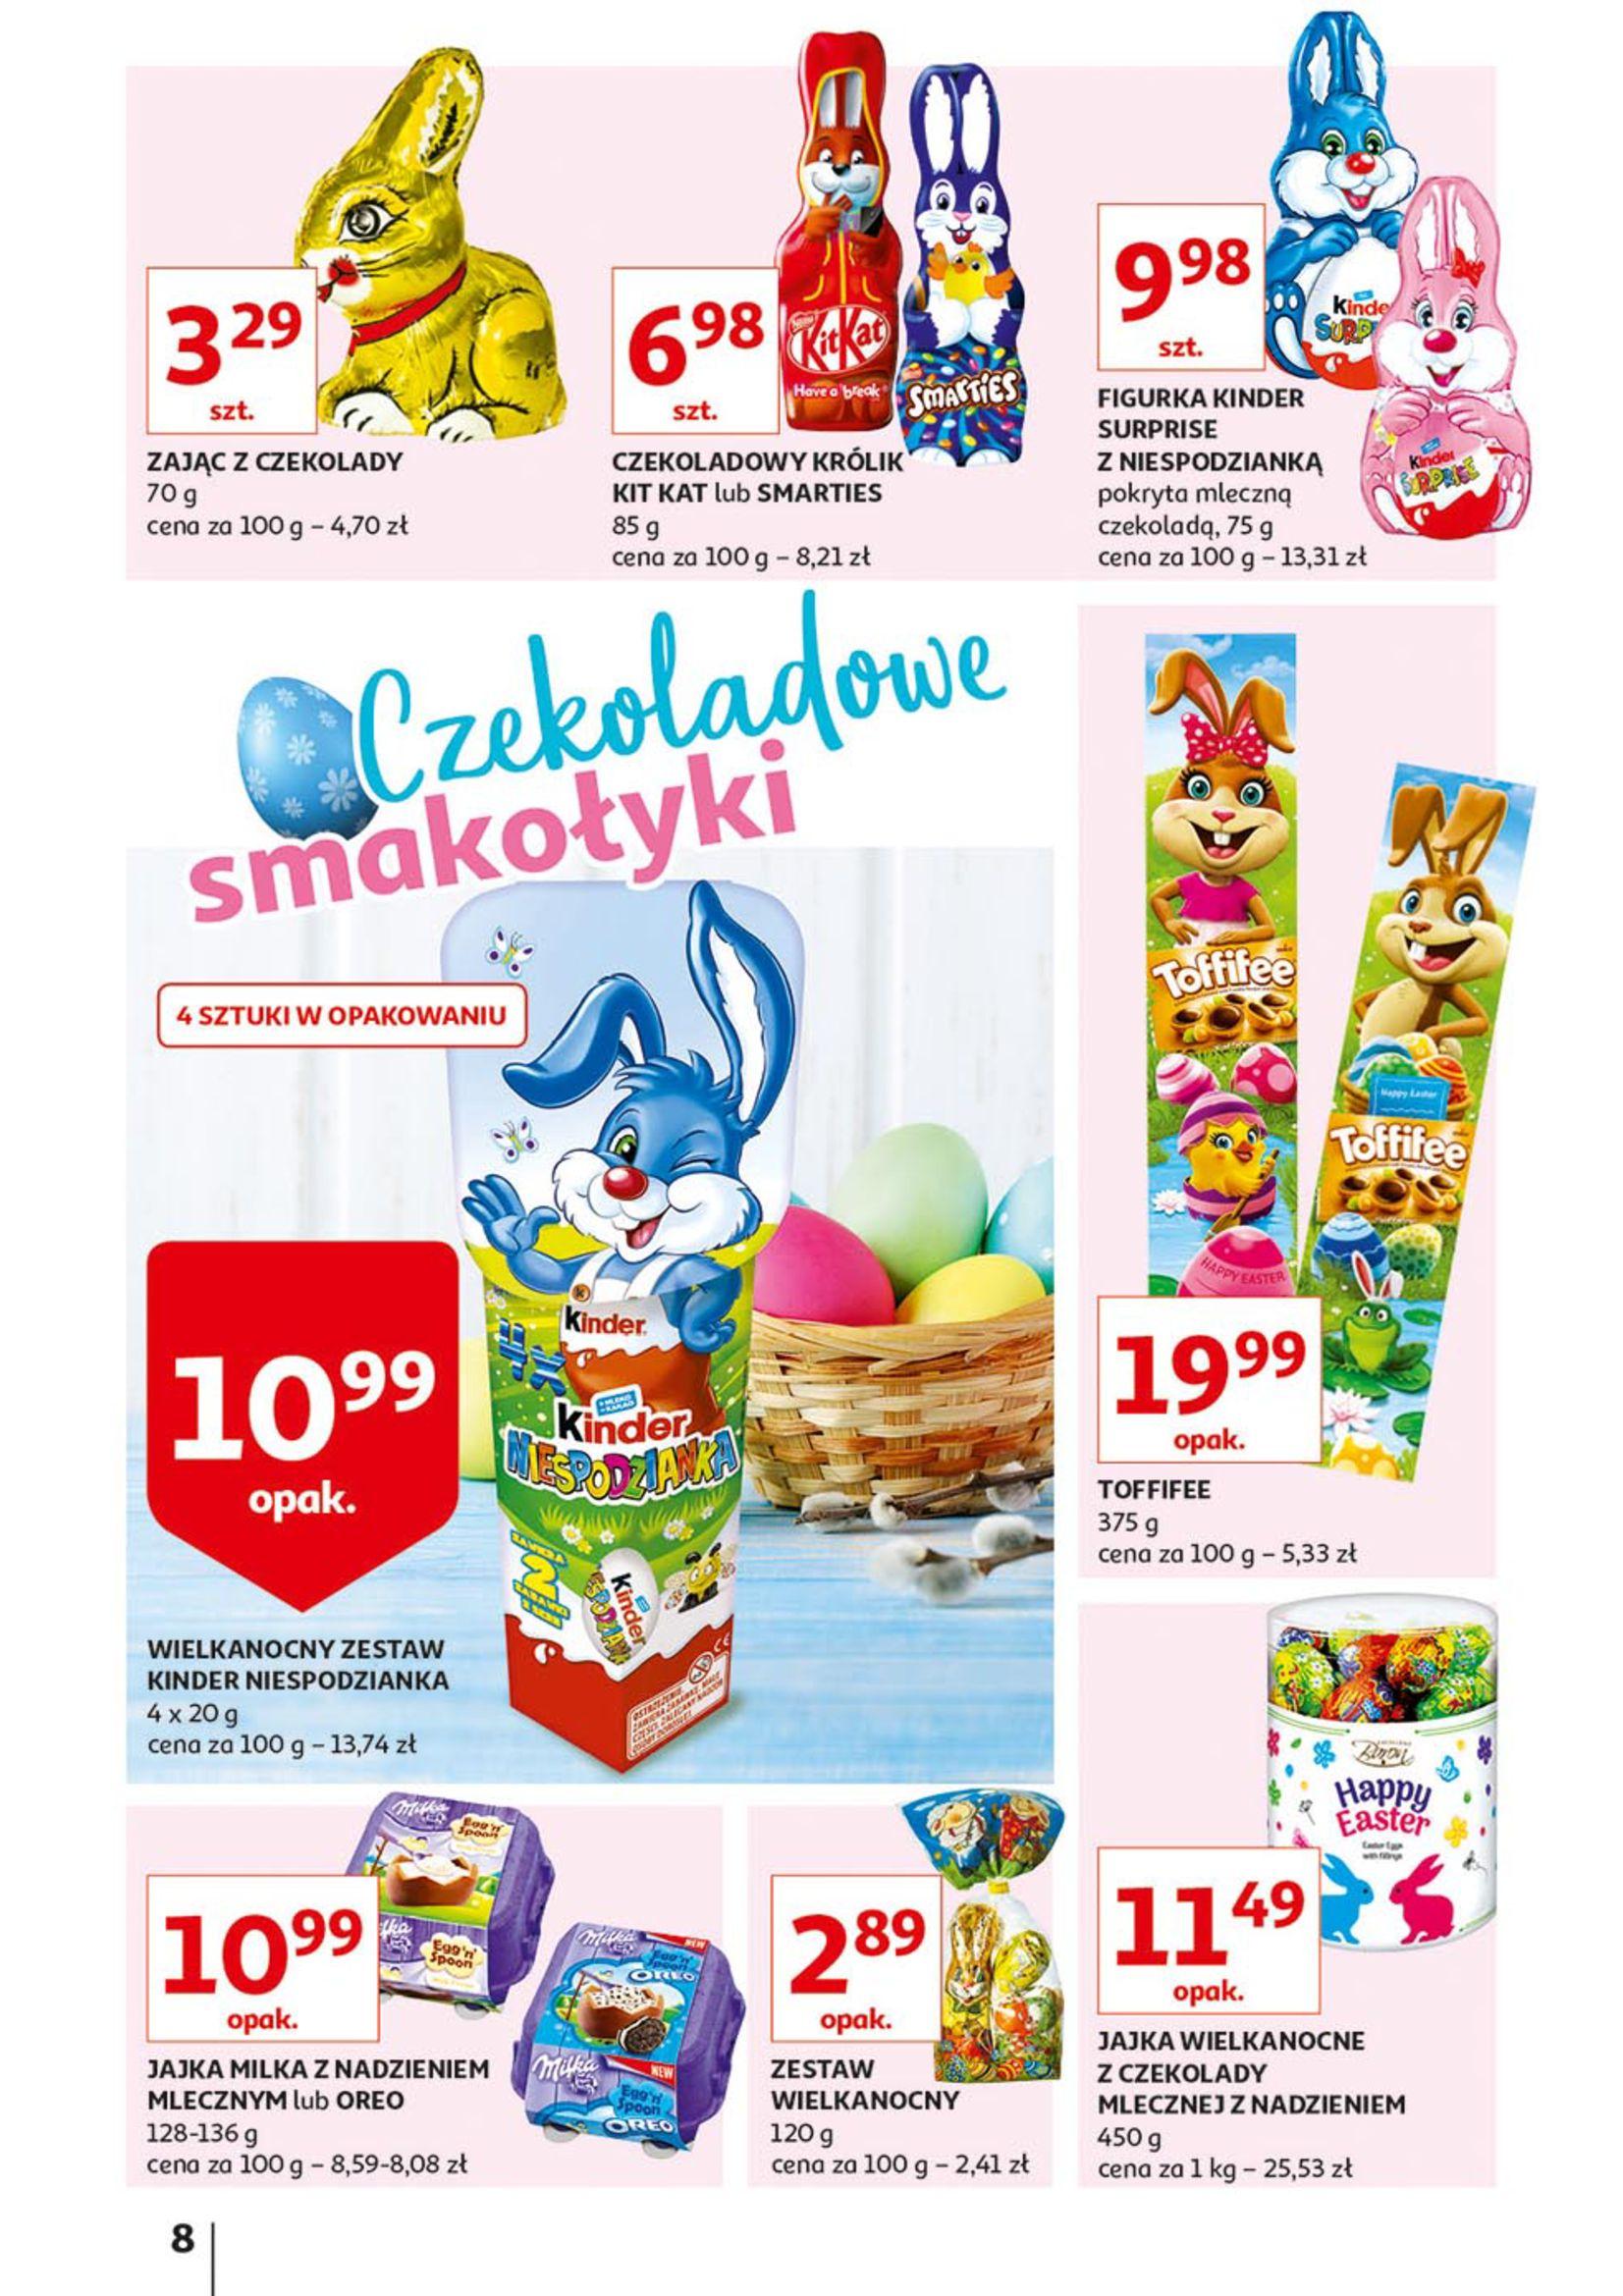 Gazetka Auchan - Przygotuj się do świąt - Auchan Supermarket-10.04.2019-20.04.2019-page-